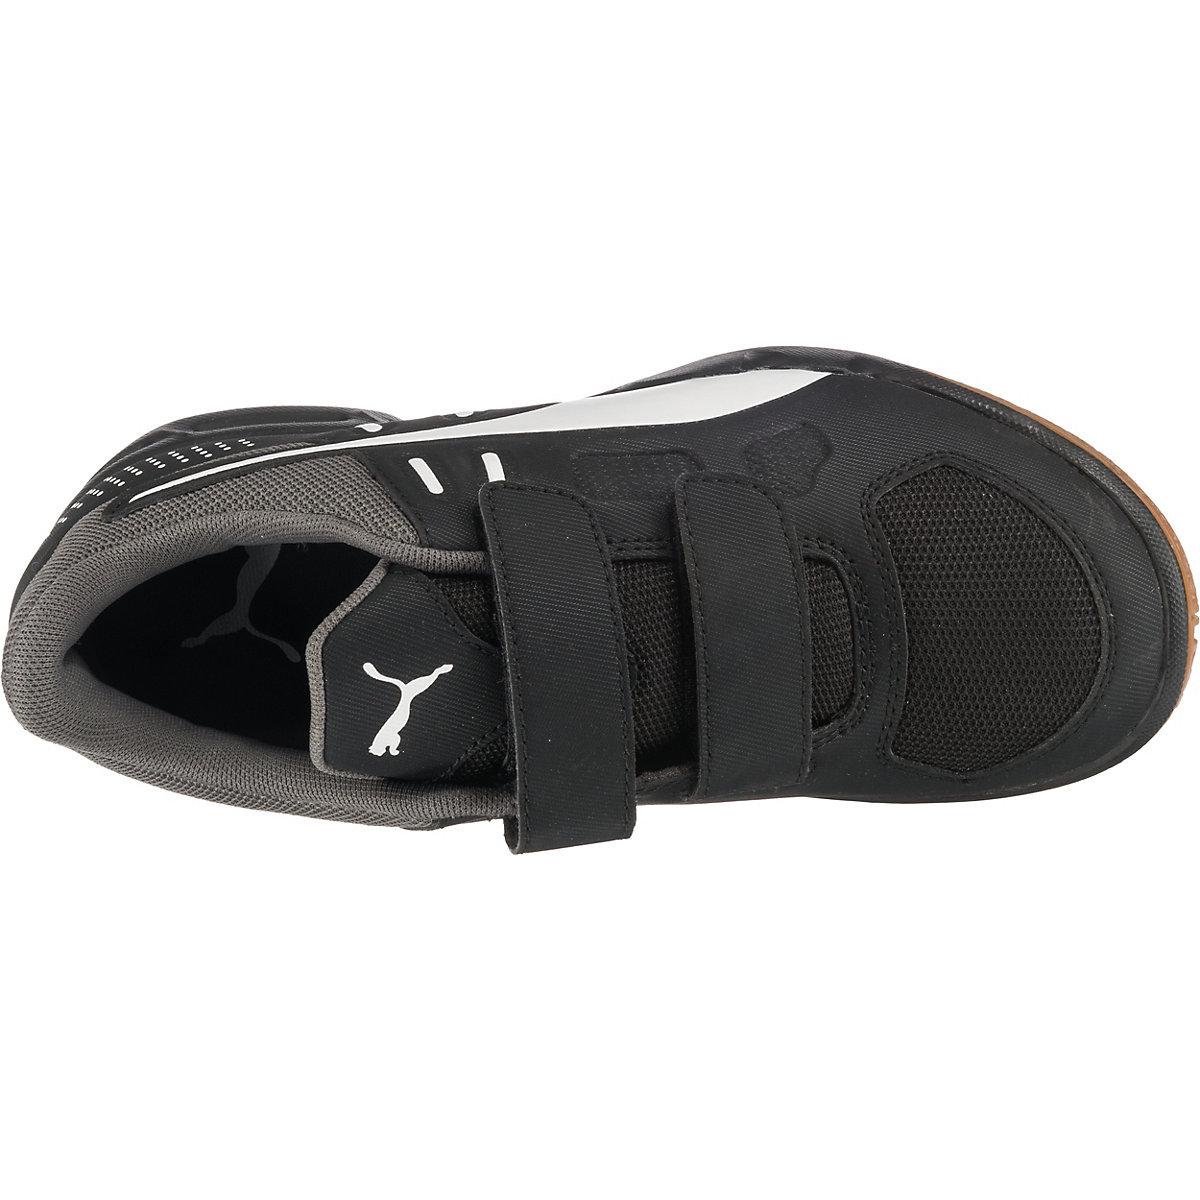 Puma, Sportschuhe Auriz V Für Jungen, Schwarz/weiß